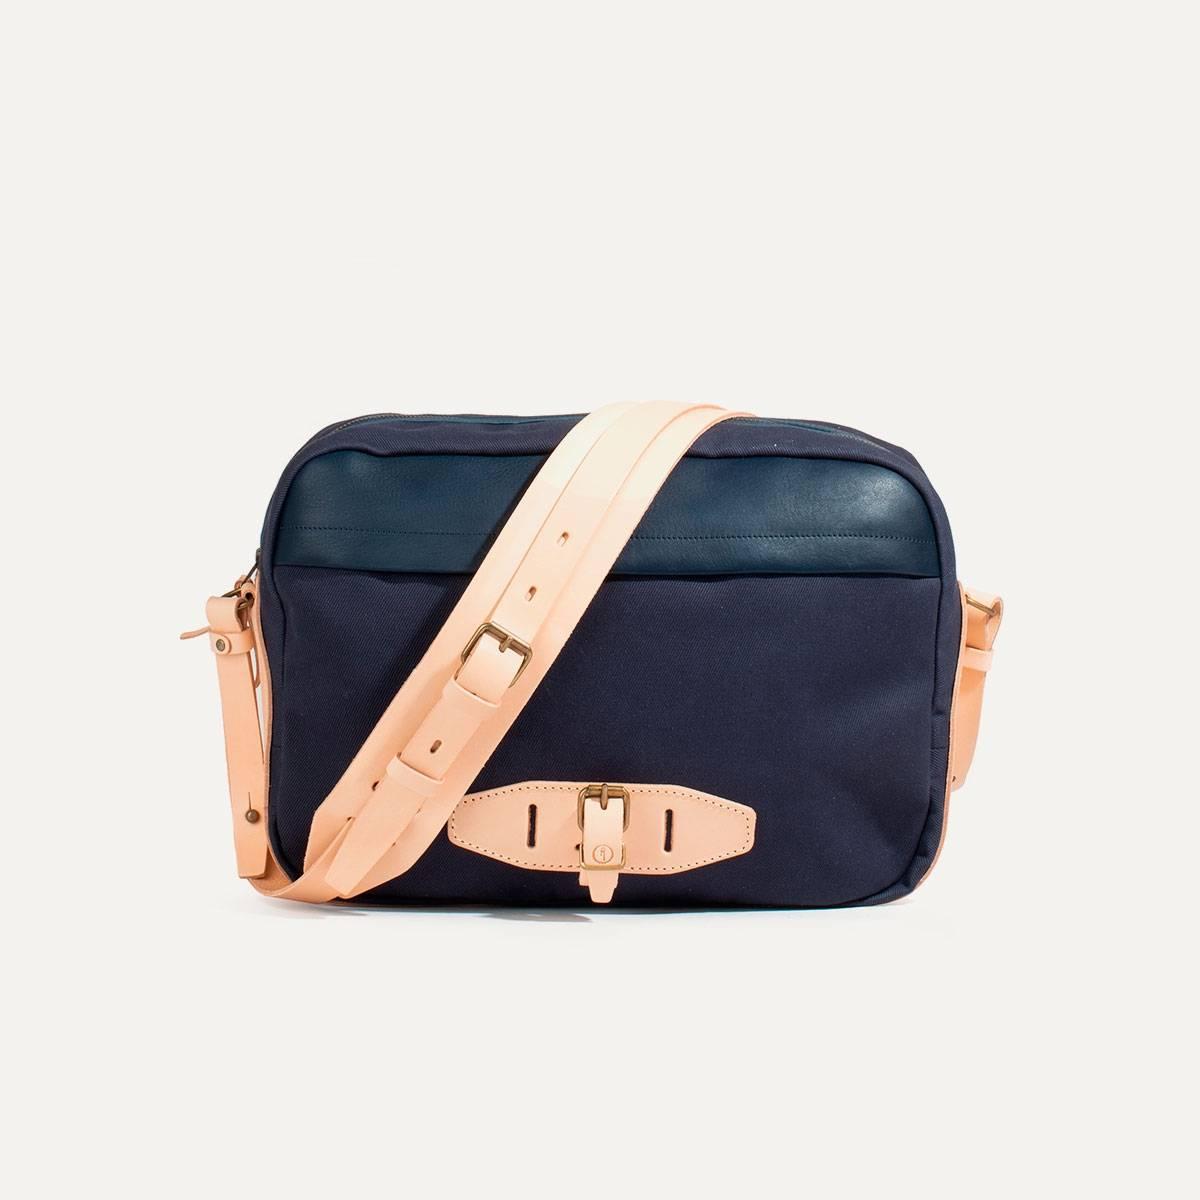 Uzu Belt bag - Navy blue / Natural (image n°1)